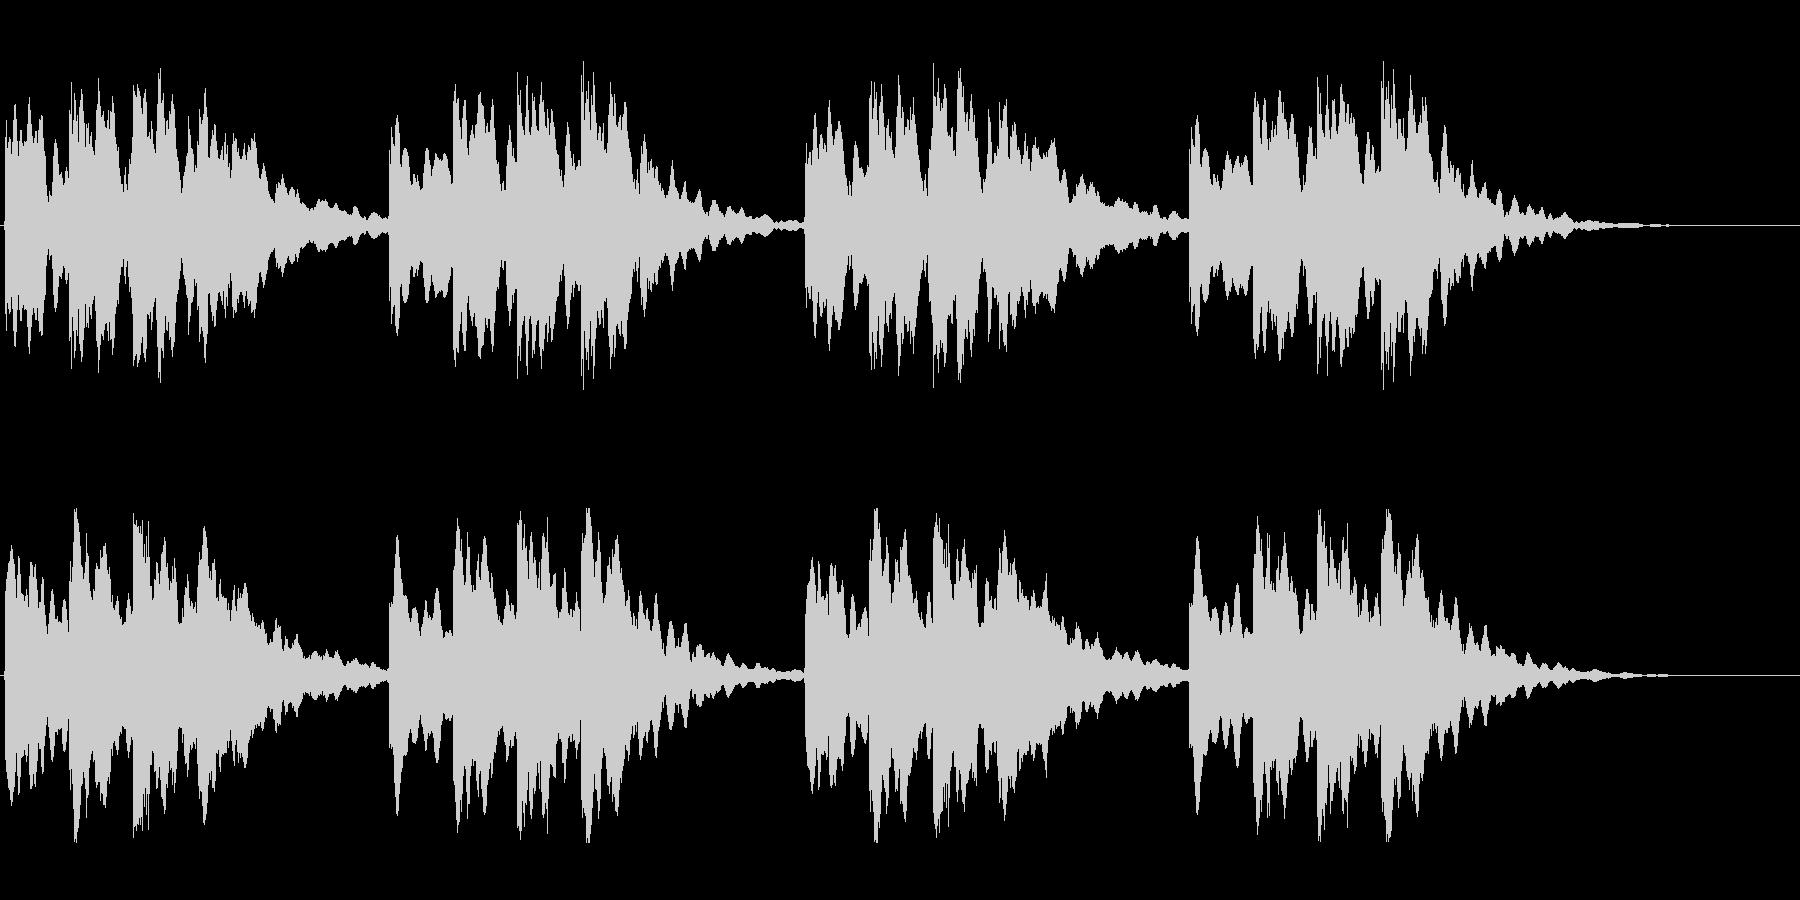 キーンコーンカーンコーン02(遅め2回)の未再生の波形